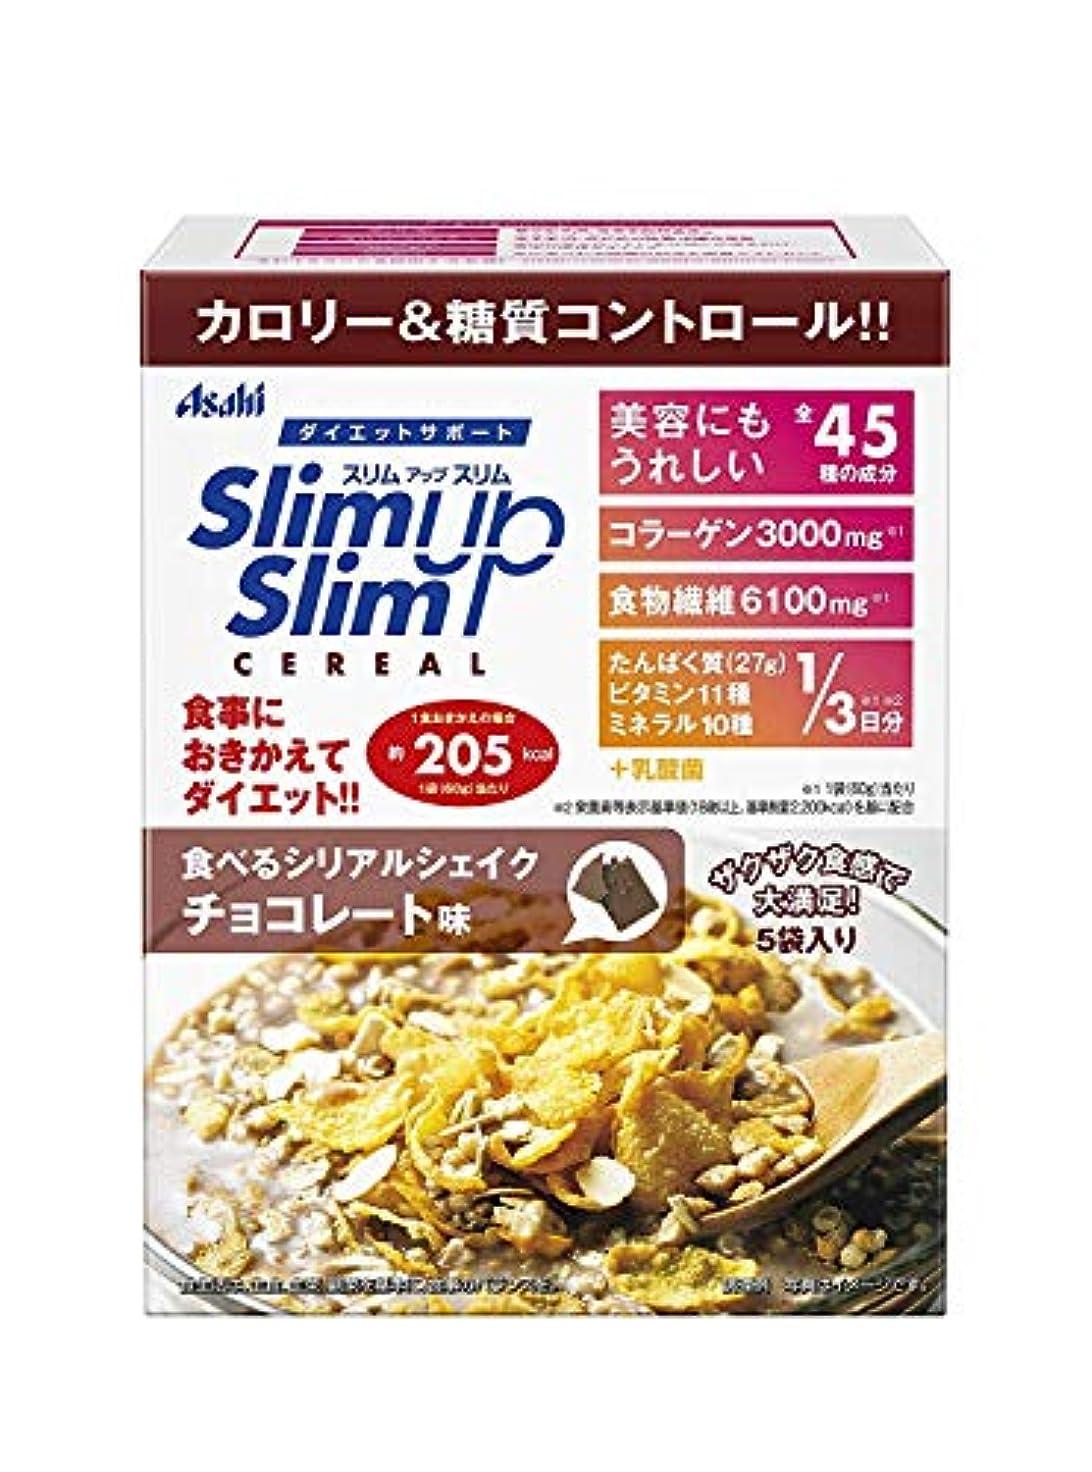 運河ひばり造船スリムアップスリム 食べるシリアルシェイク チョコレート味 300g (60g×5袋) ×5